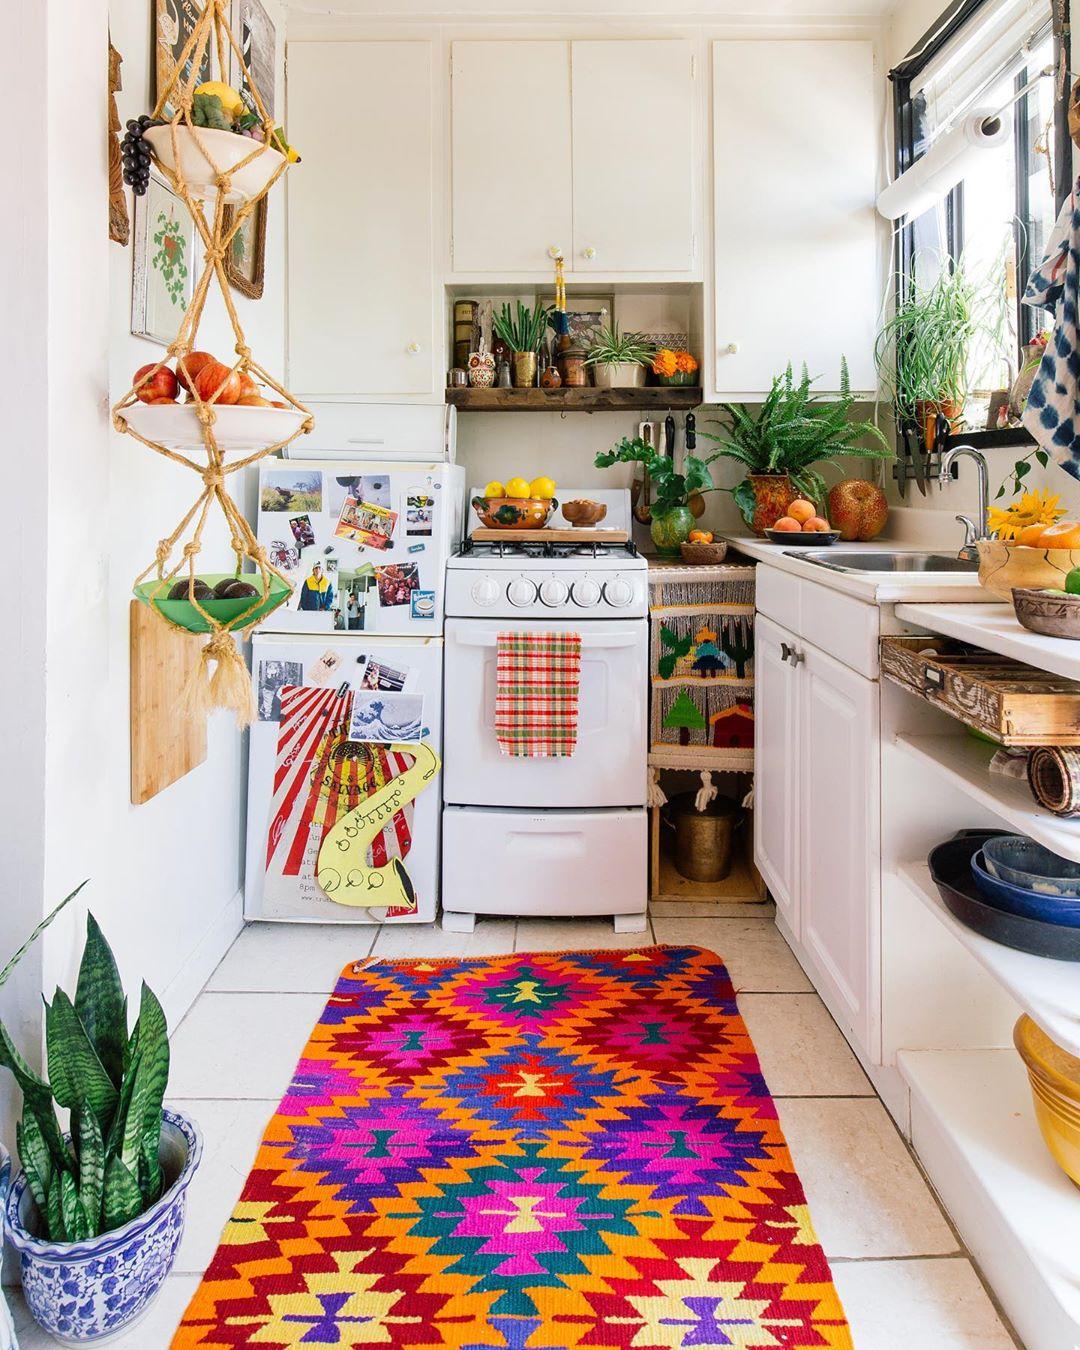 tendências de decoração de interiores (4)